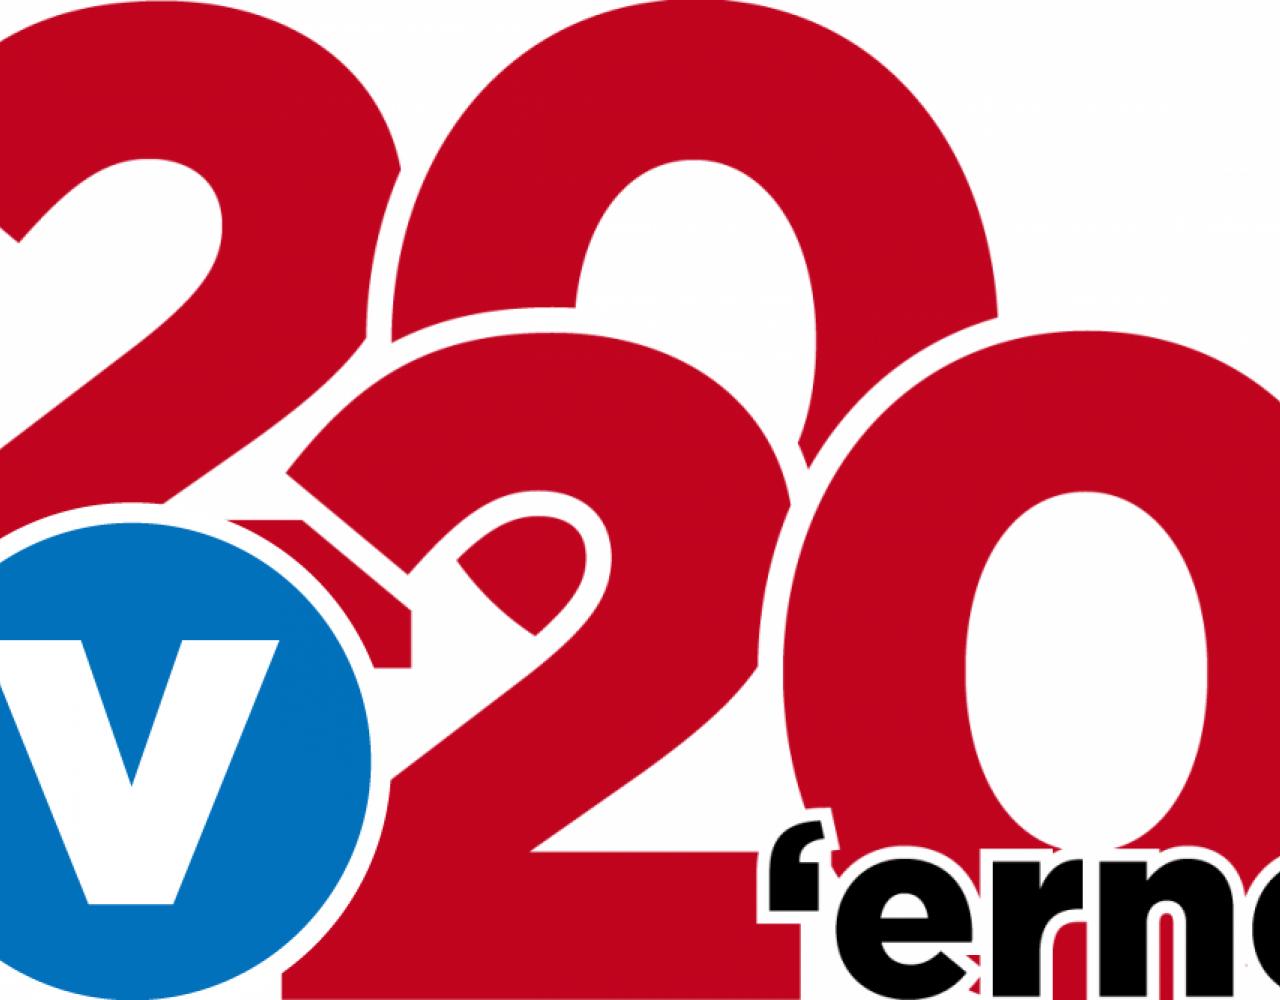 2020erne Venstre